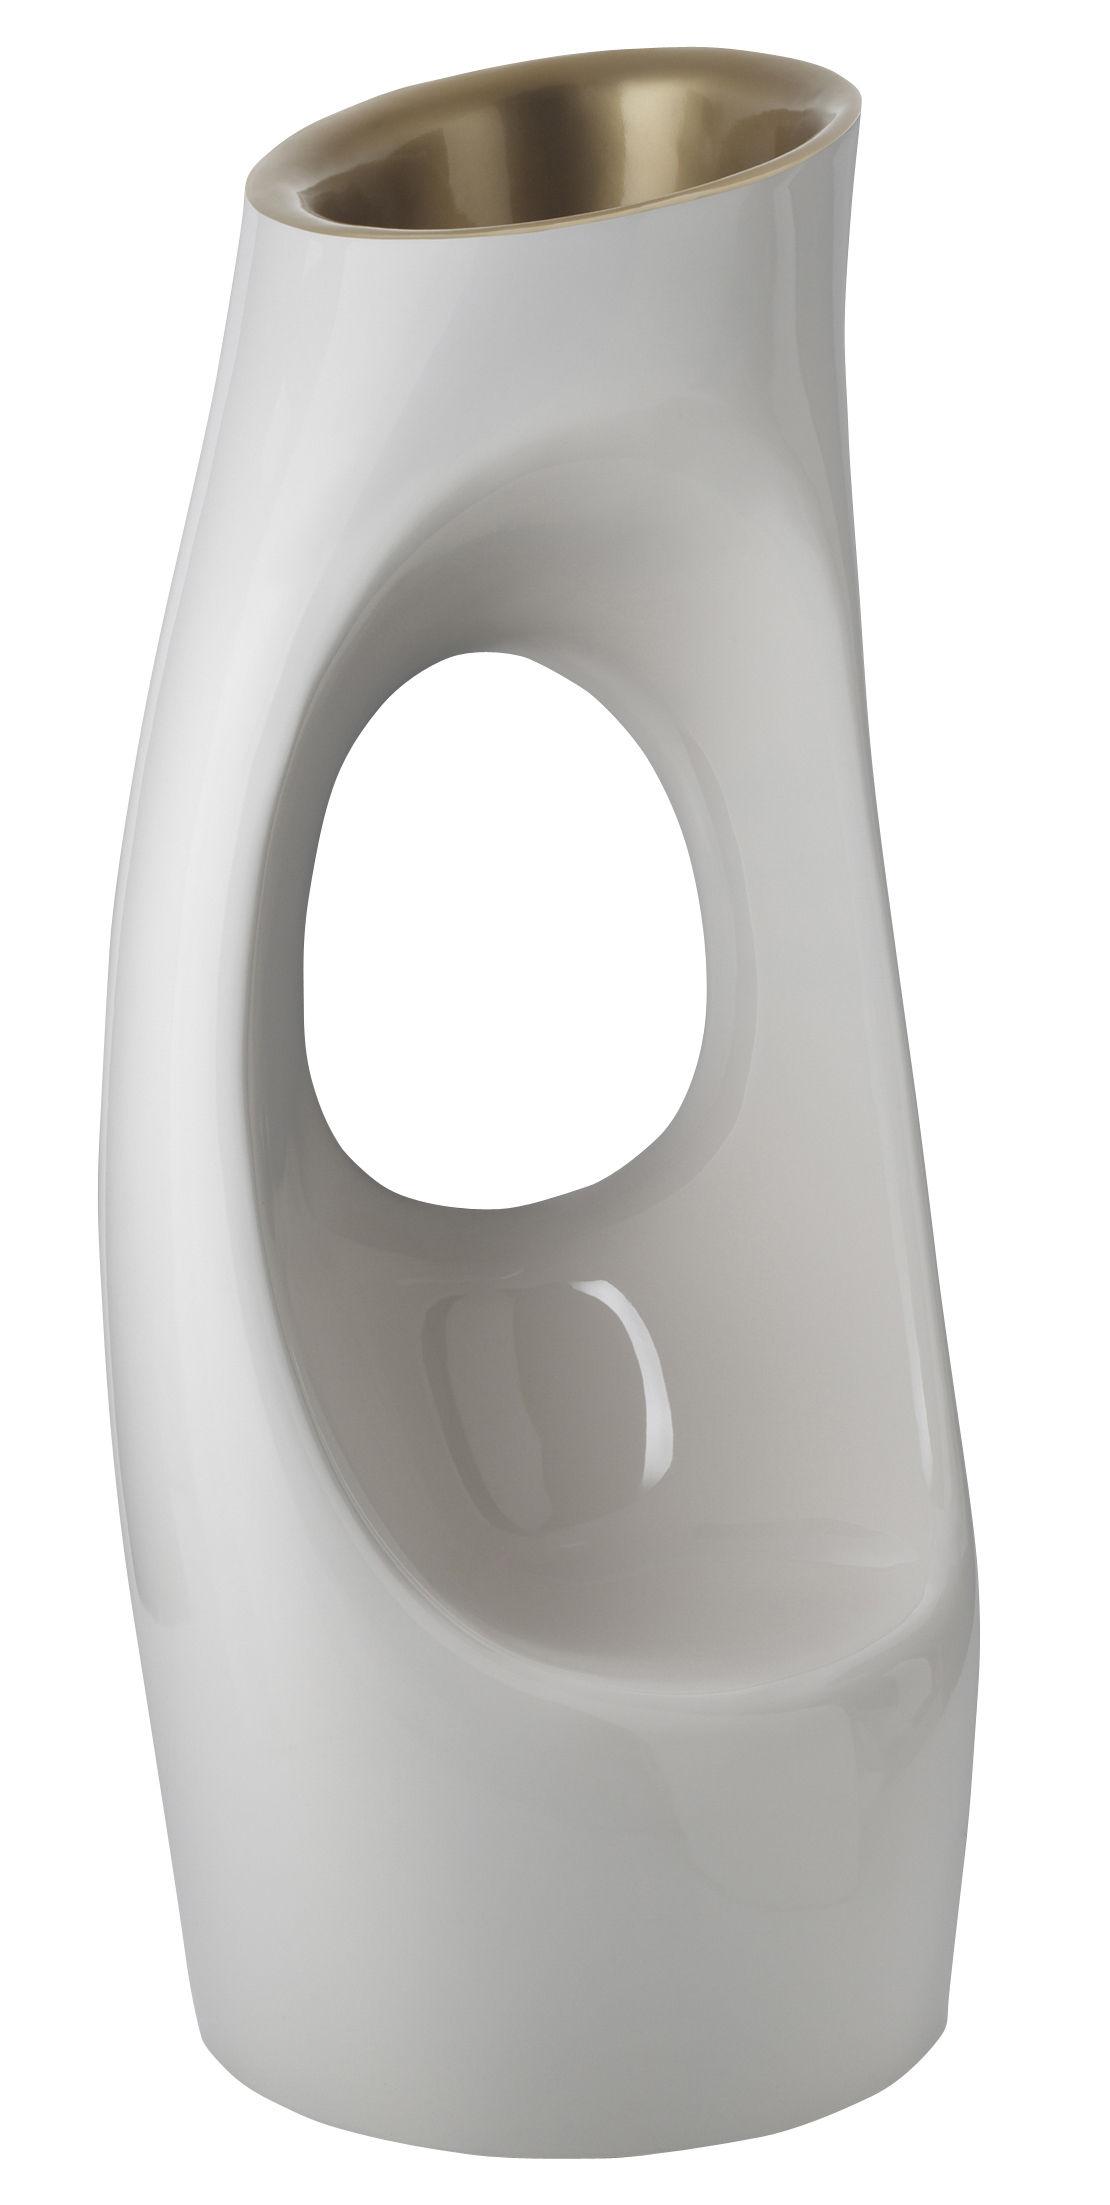 Arredamento - Mobili d'eccezione - Vaso per fiori Holly All - Poltrona - Versione bicolore di Serralunga - Bianco laccato/ interno o laccato - Polietilene laccato